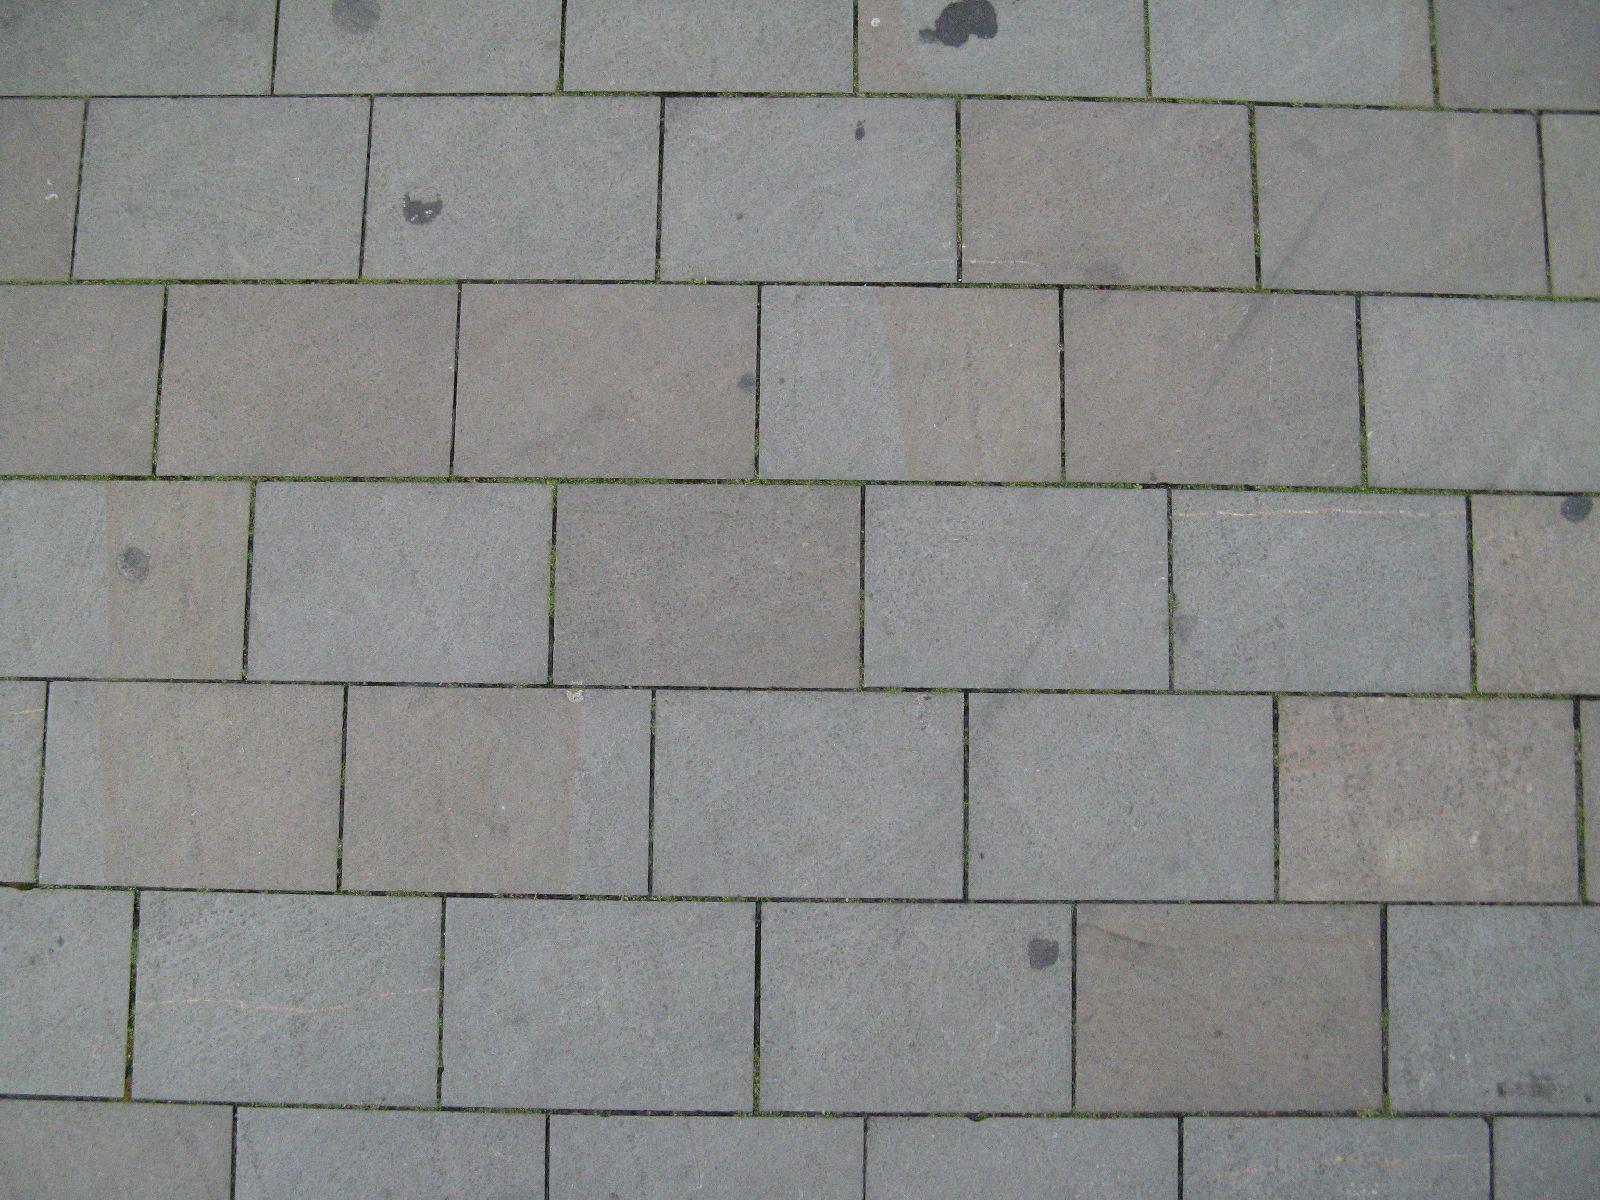 Ground-Urban_Texture_B_00802